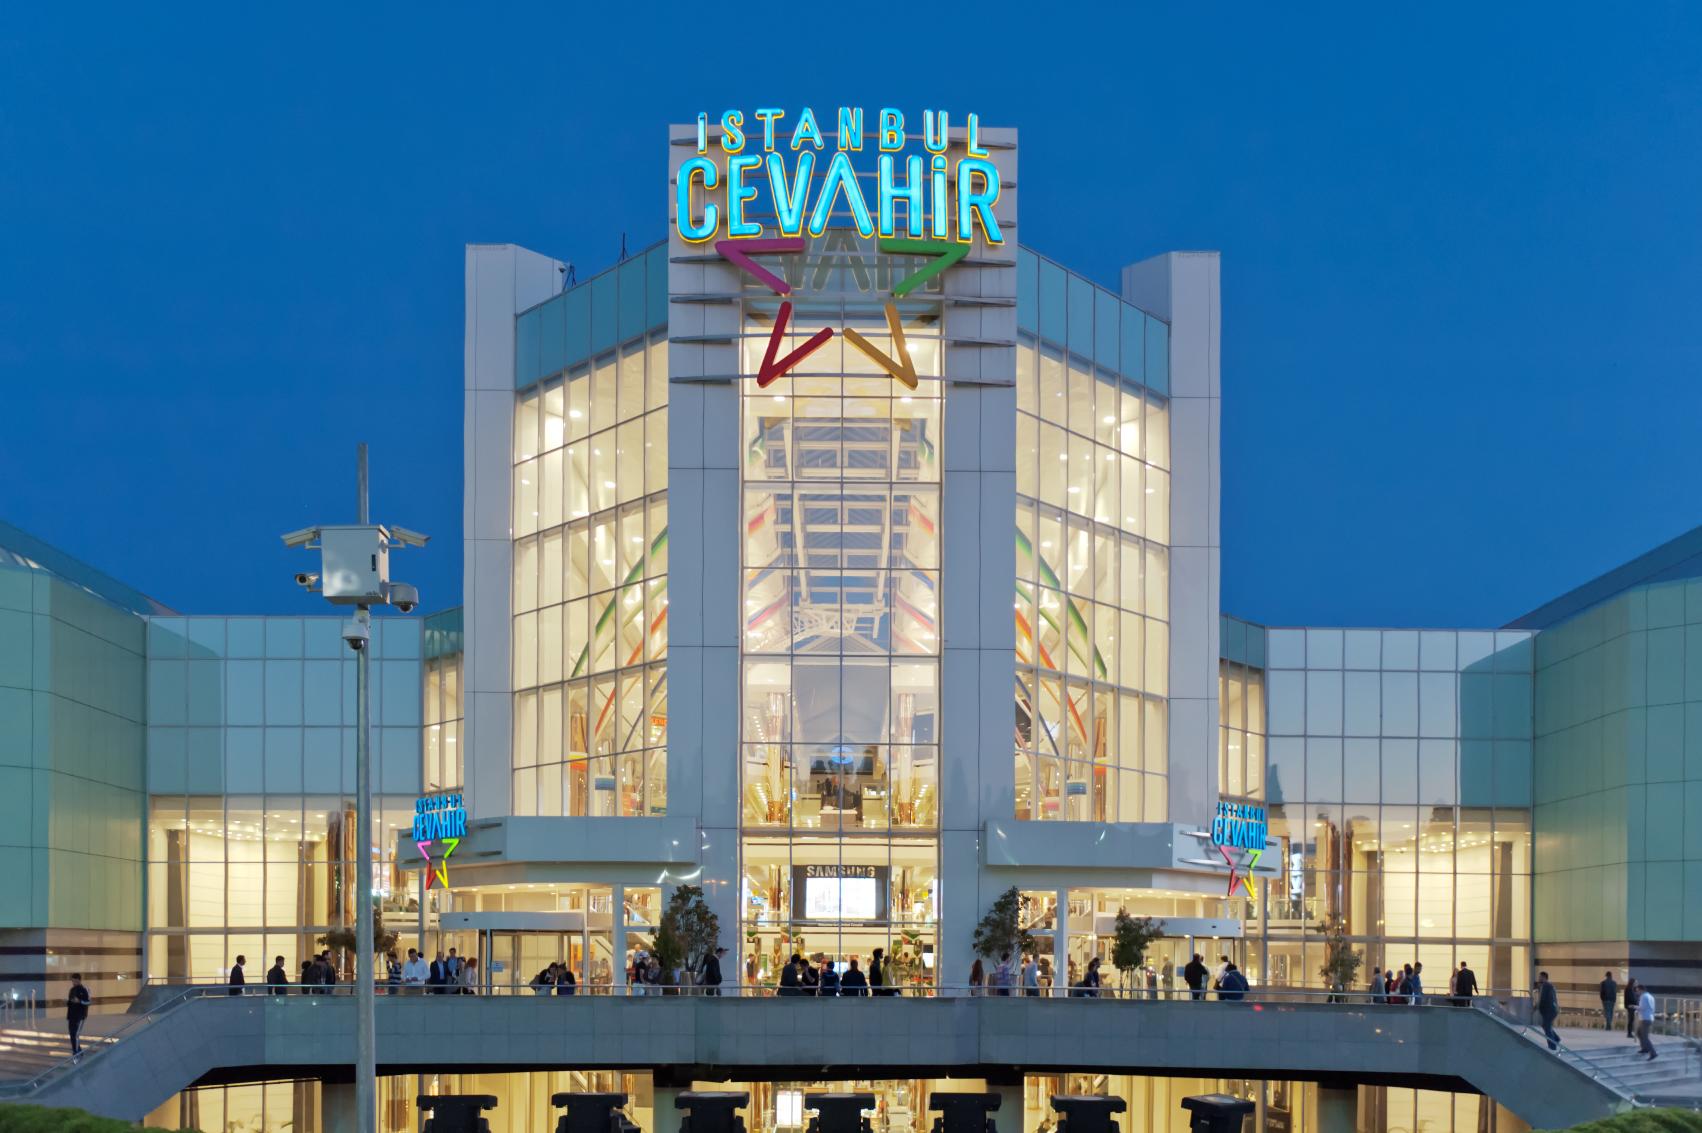 İstanbul Cevahir Alışveriş Merkezi